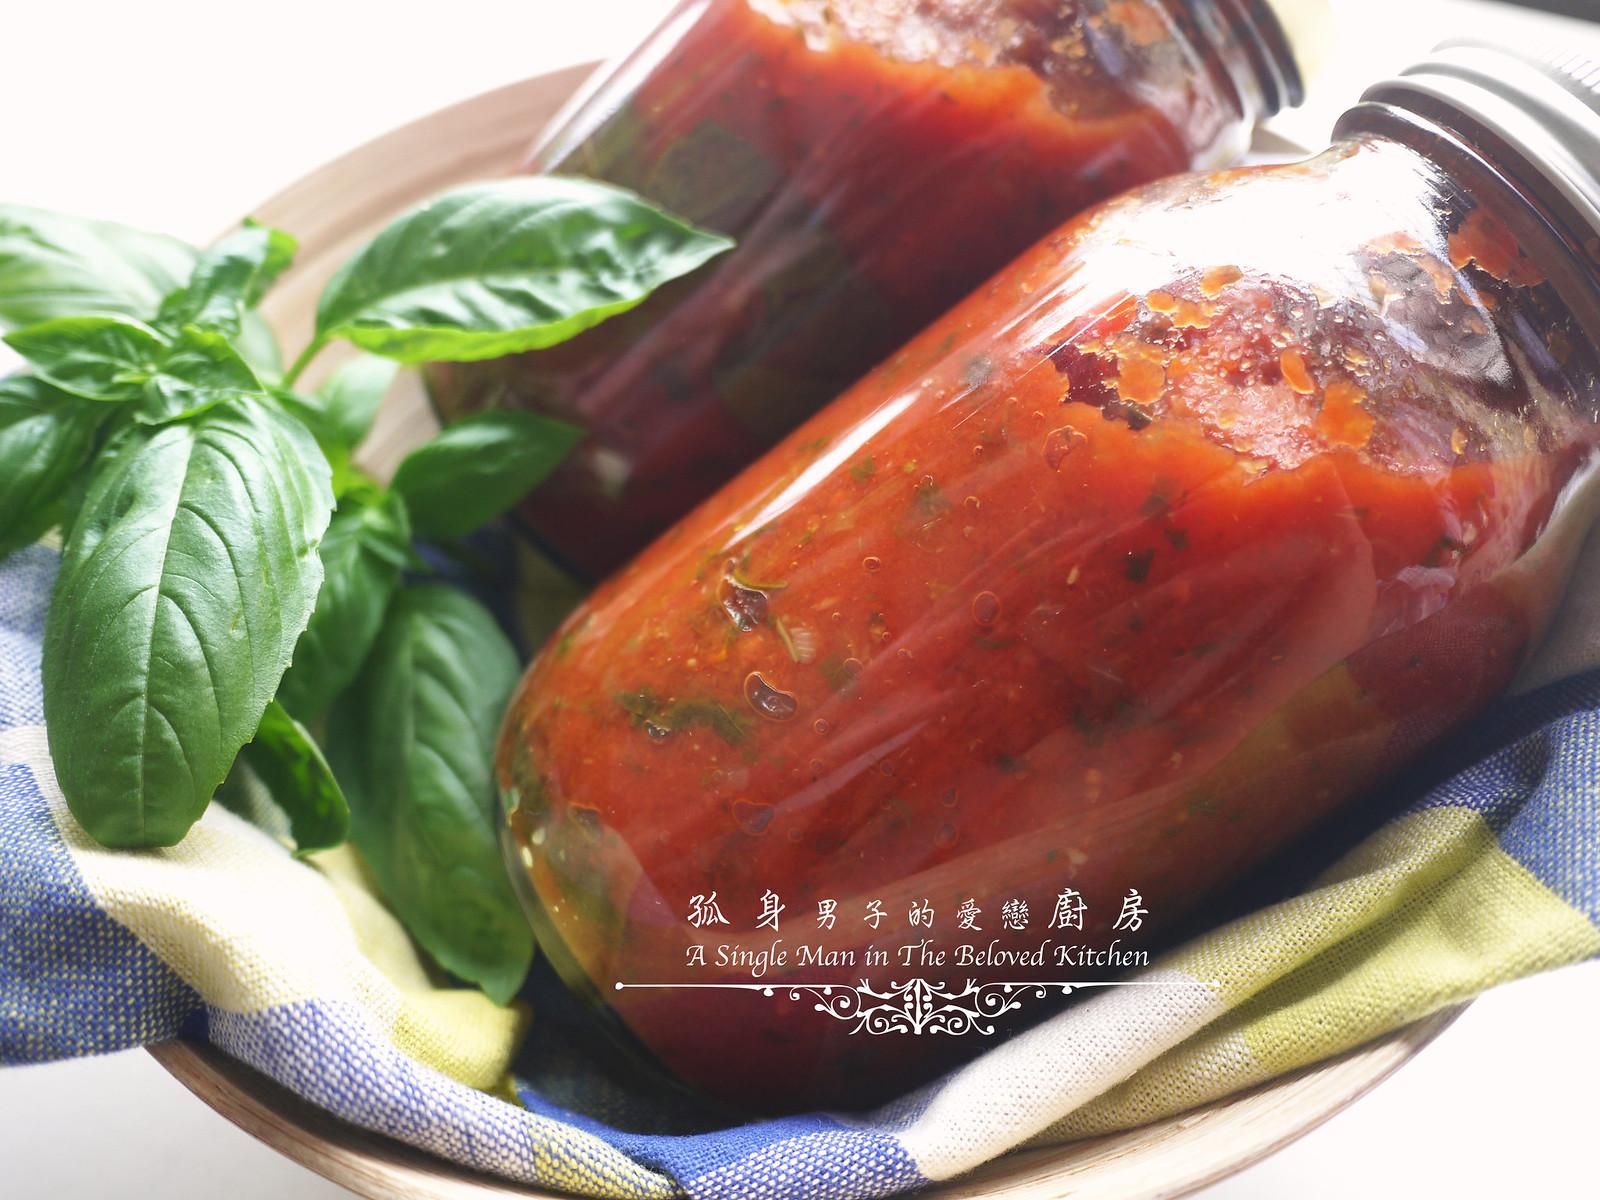 孤身廚房-義大利茄汁紅醬罐頭--自己的紅醬罐頭自己做。不求人31